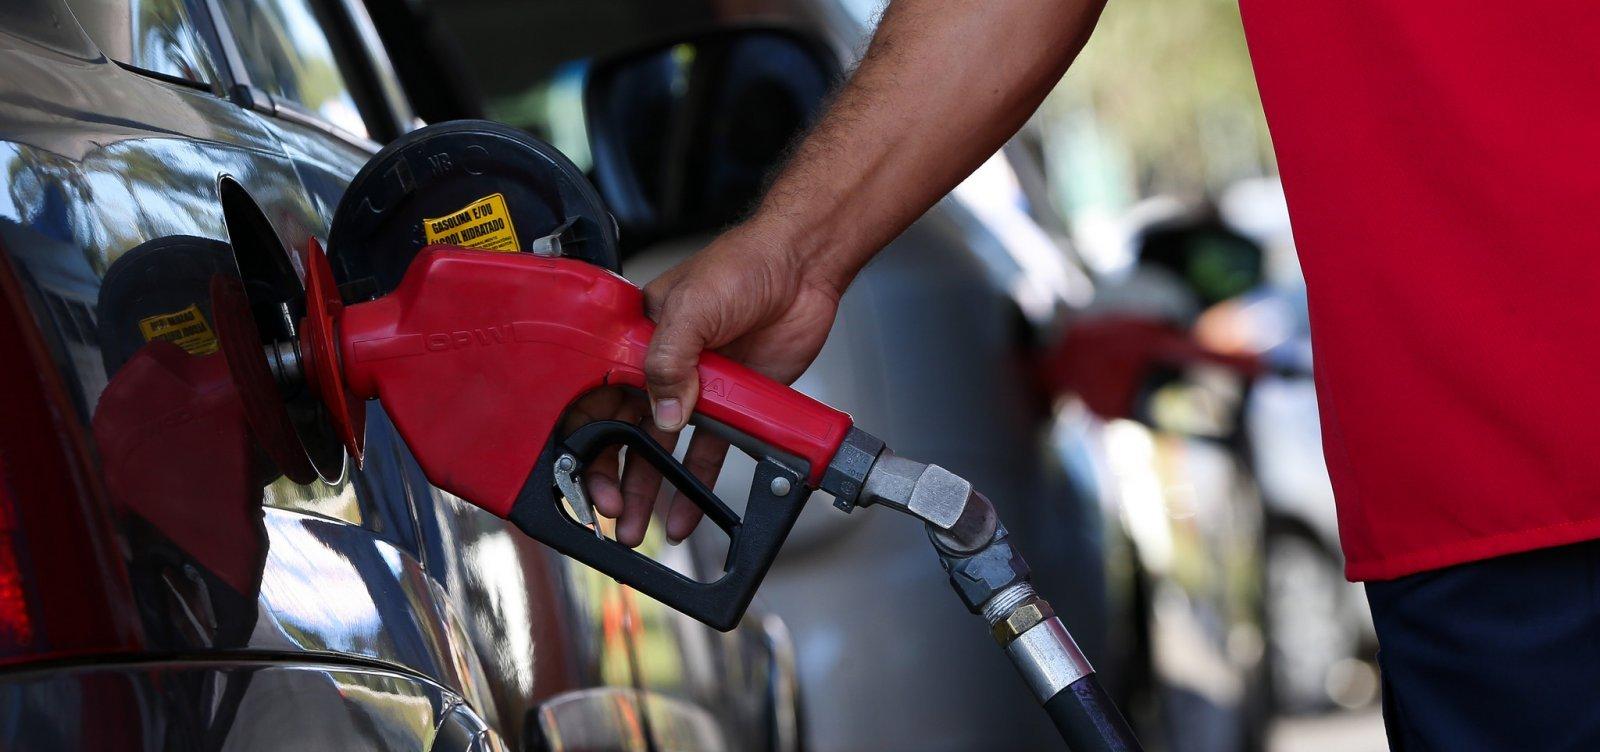 Salvador registra maior valor da gasolina dos últimos dez anos